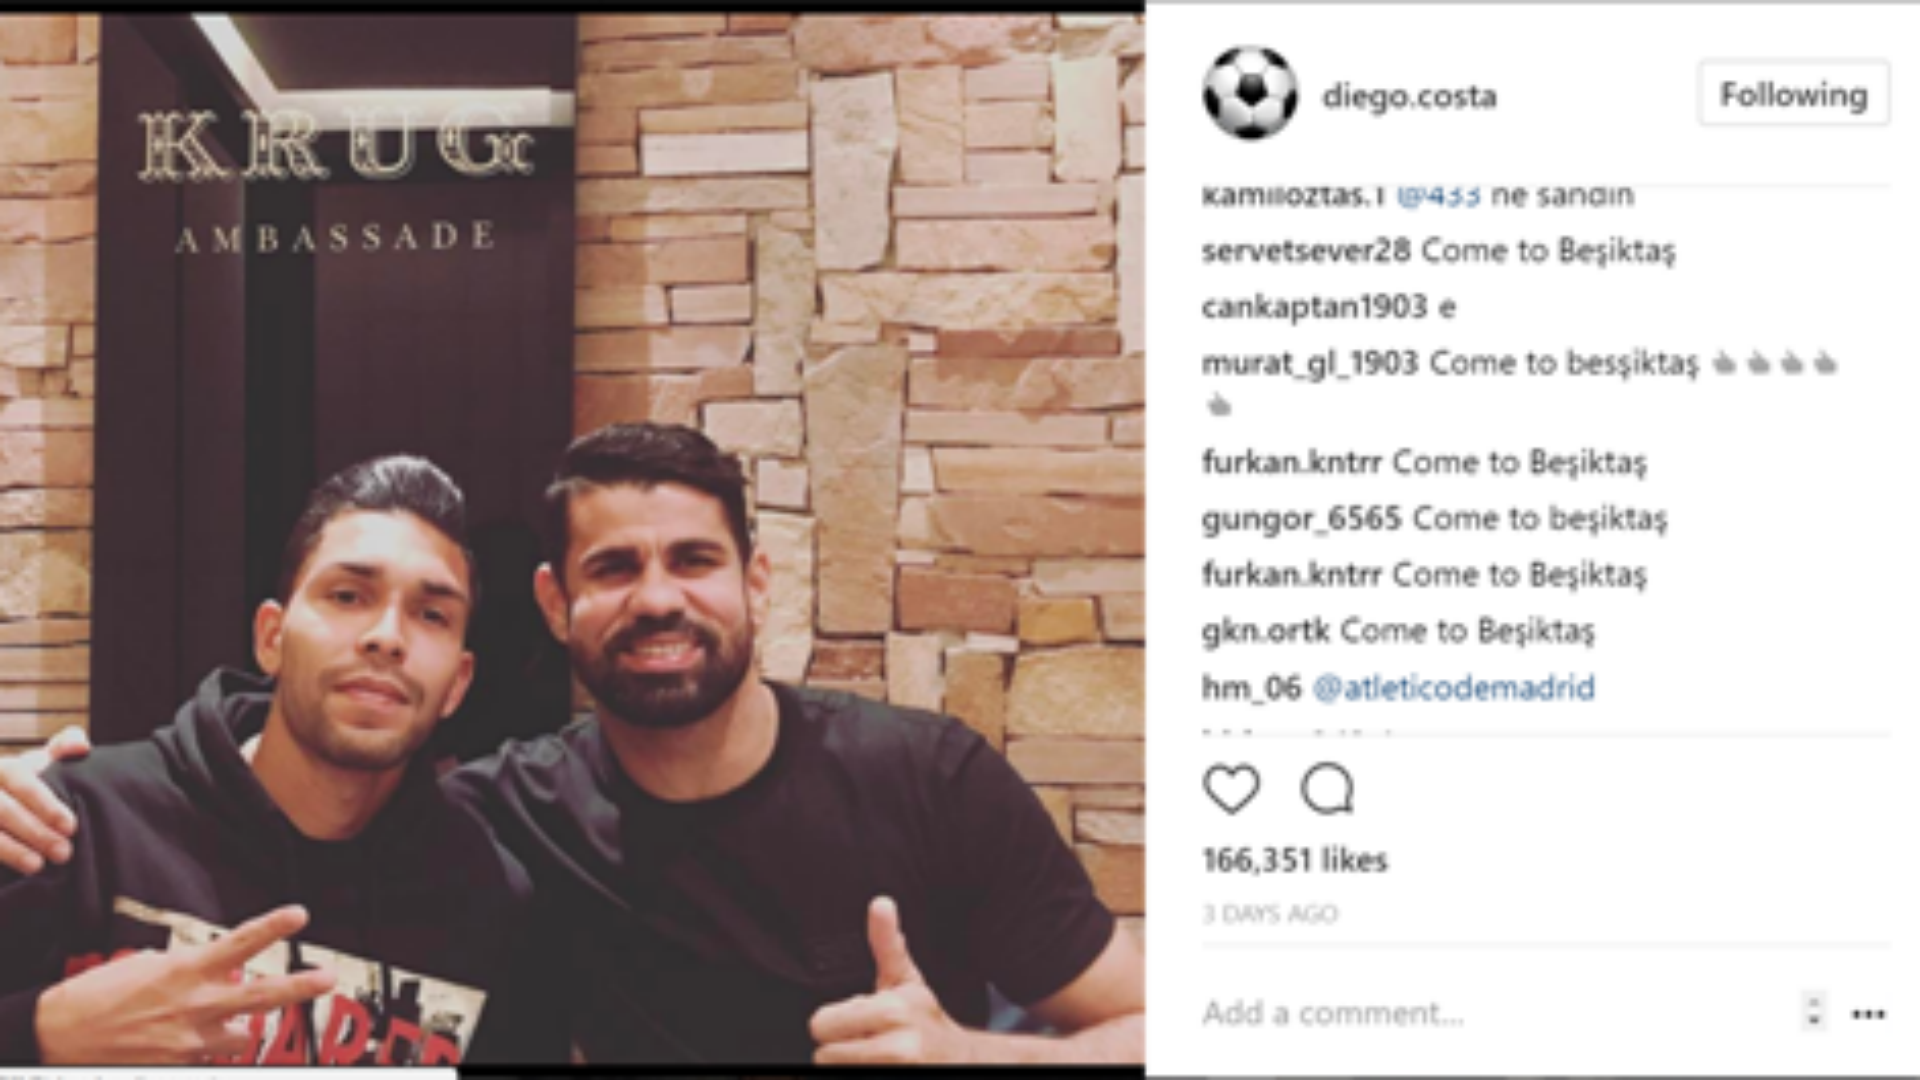 Diego Costa Besiktas fans